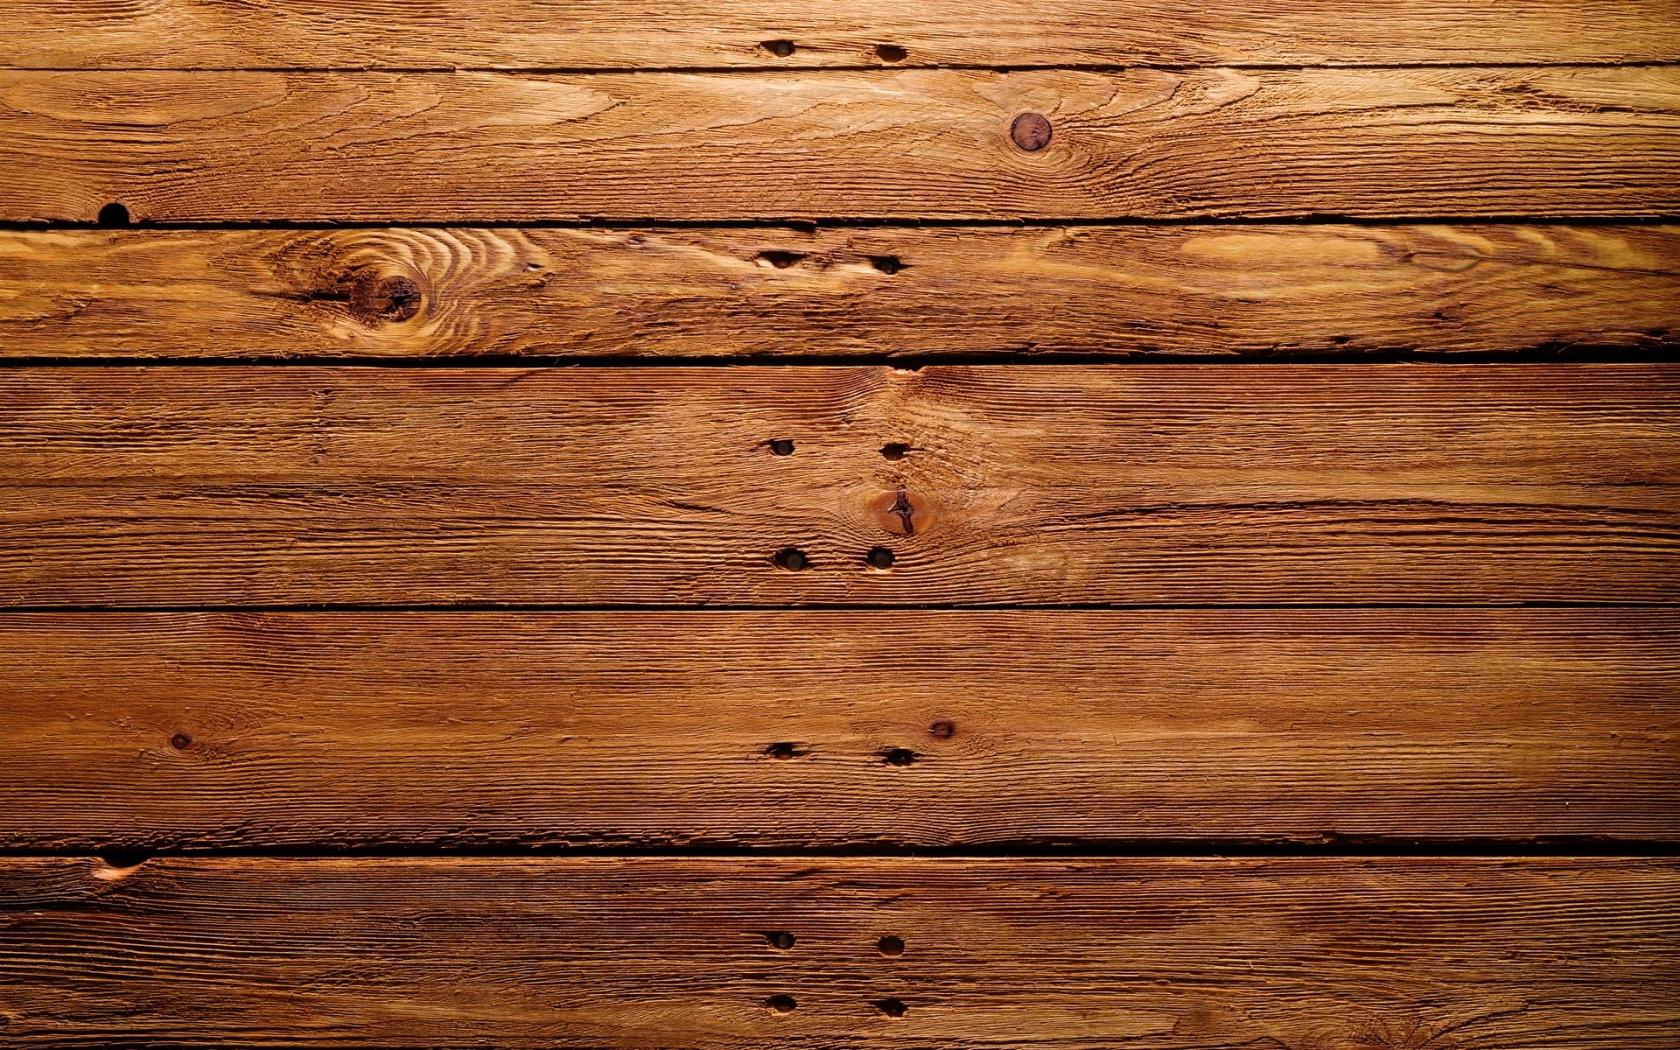 Textura tablas de madera - 1680x1050